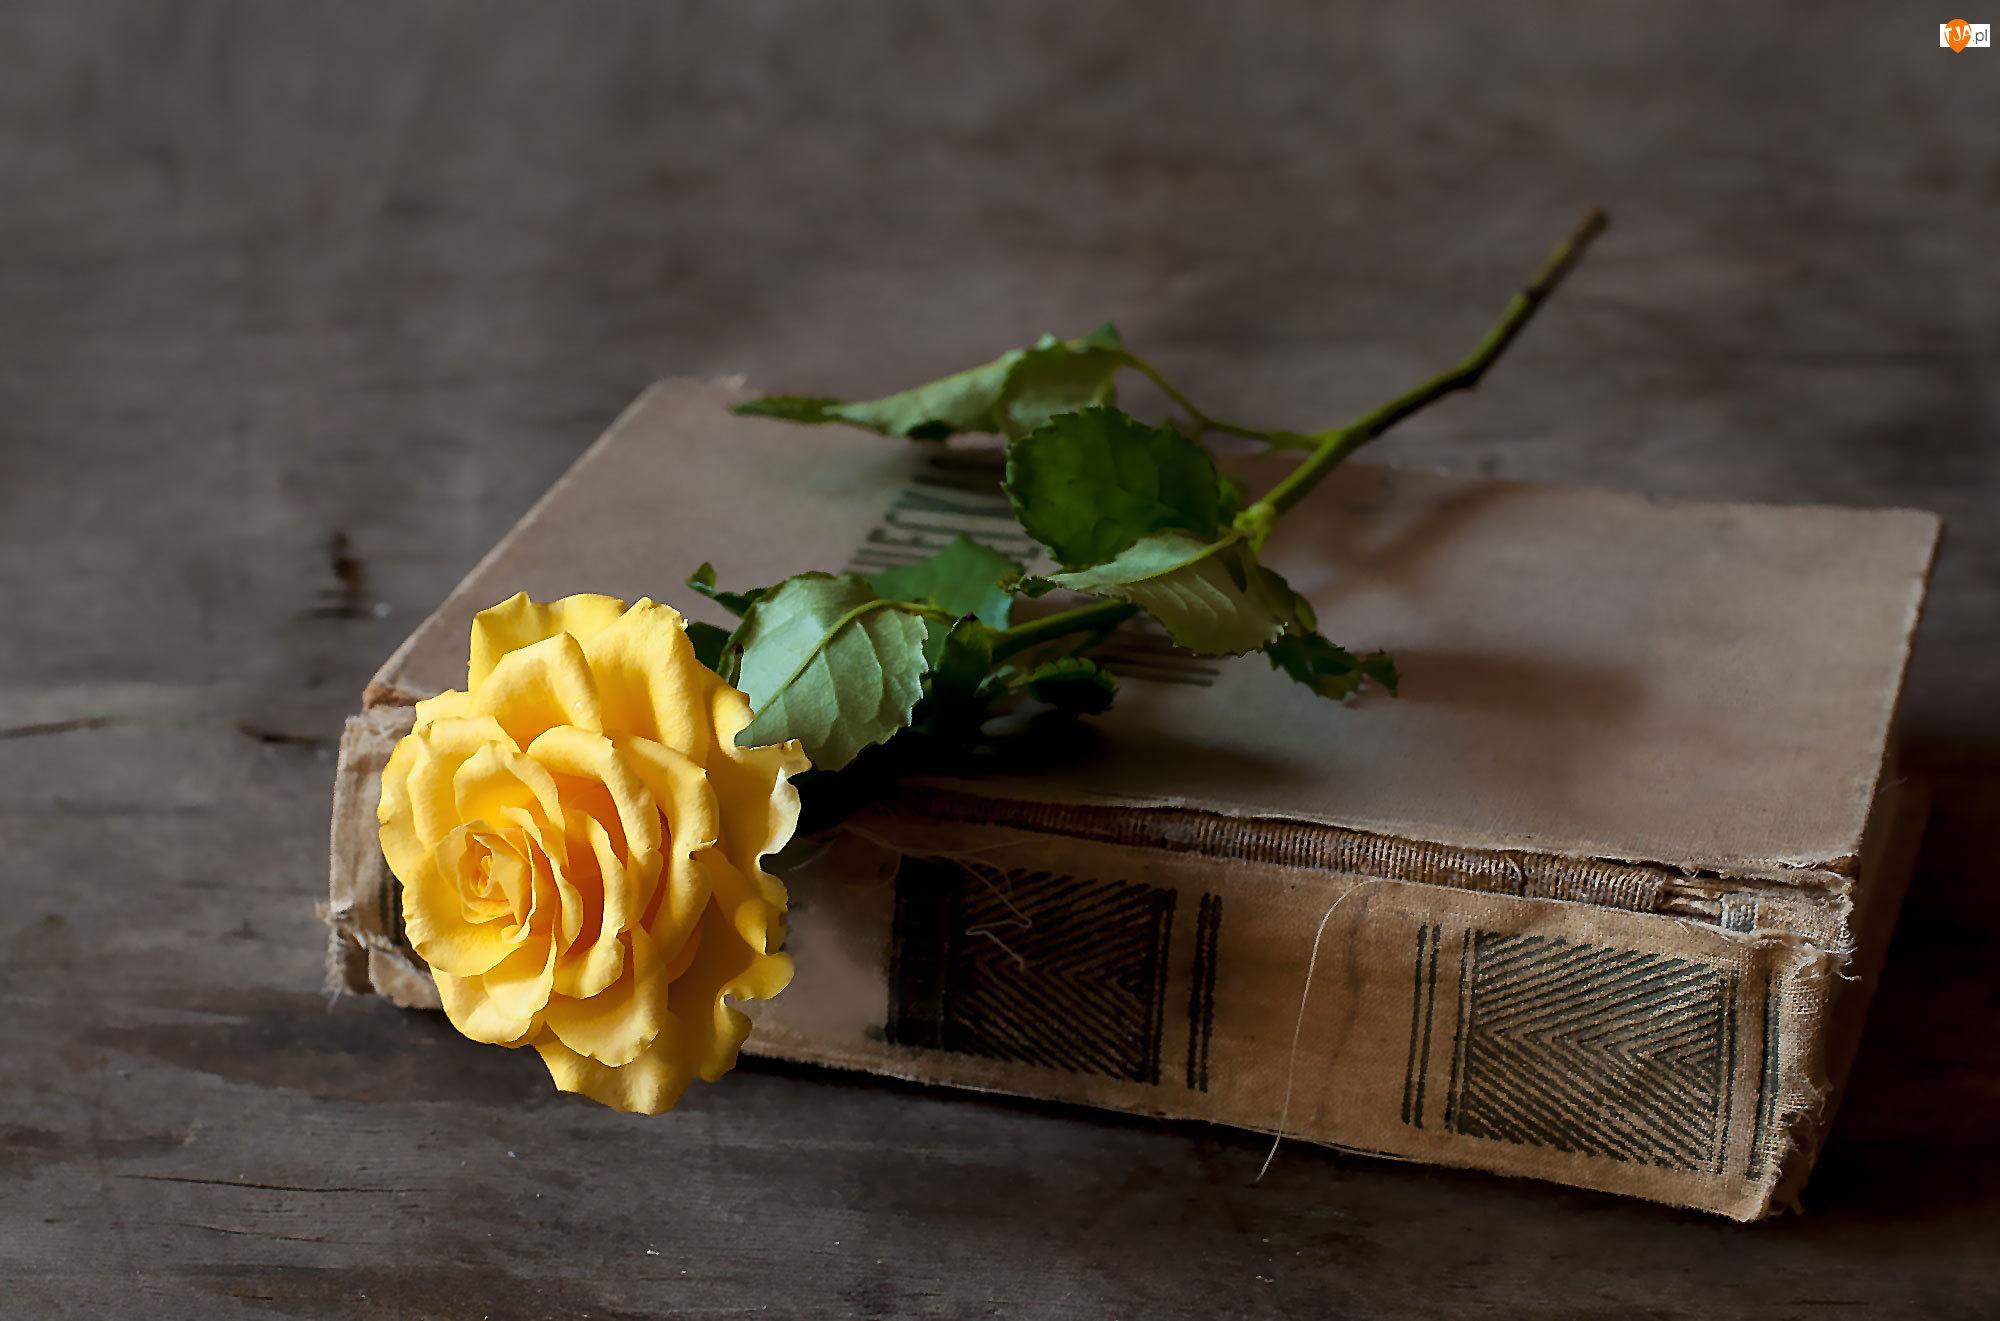 Żółta, Książka, Róża, Zniszczona